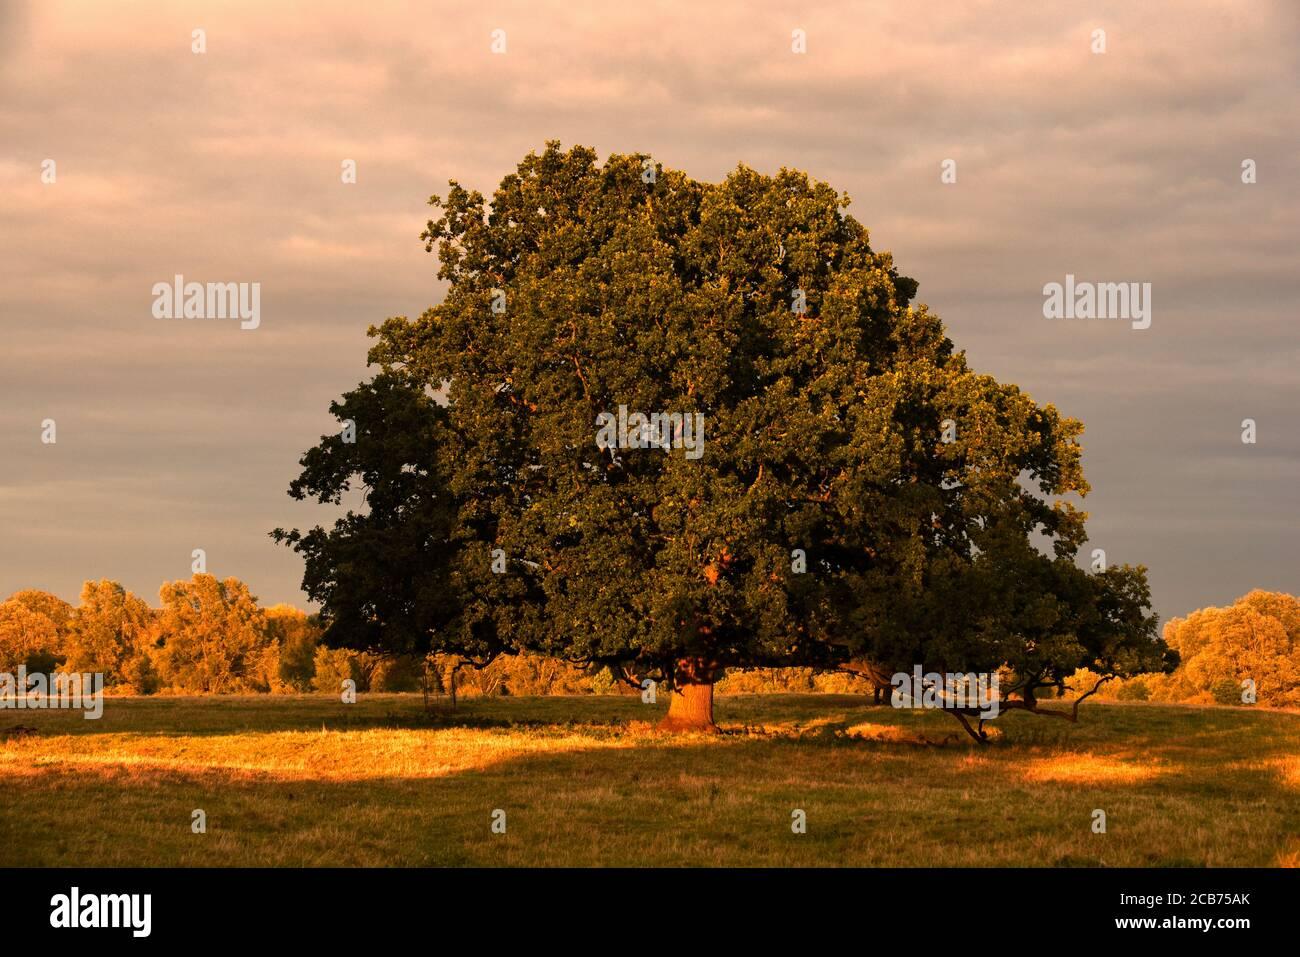 Eine Eiche, die am Ende in goldenes Licht getaucht ist Von einem schönen Septembertag in Buckinghamshire Stockfoto